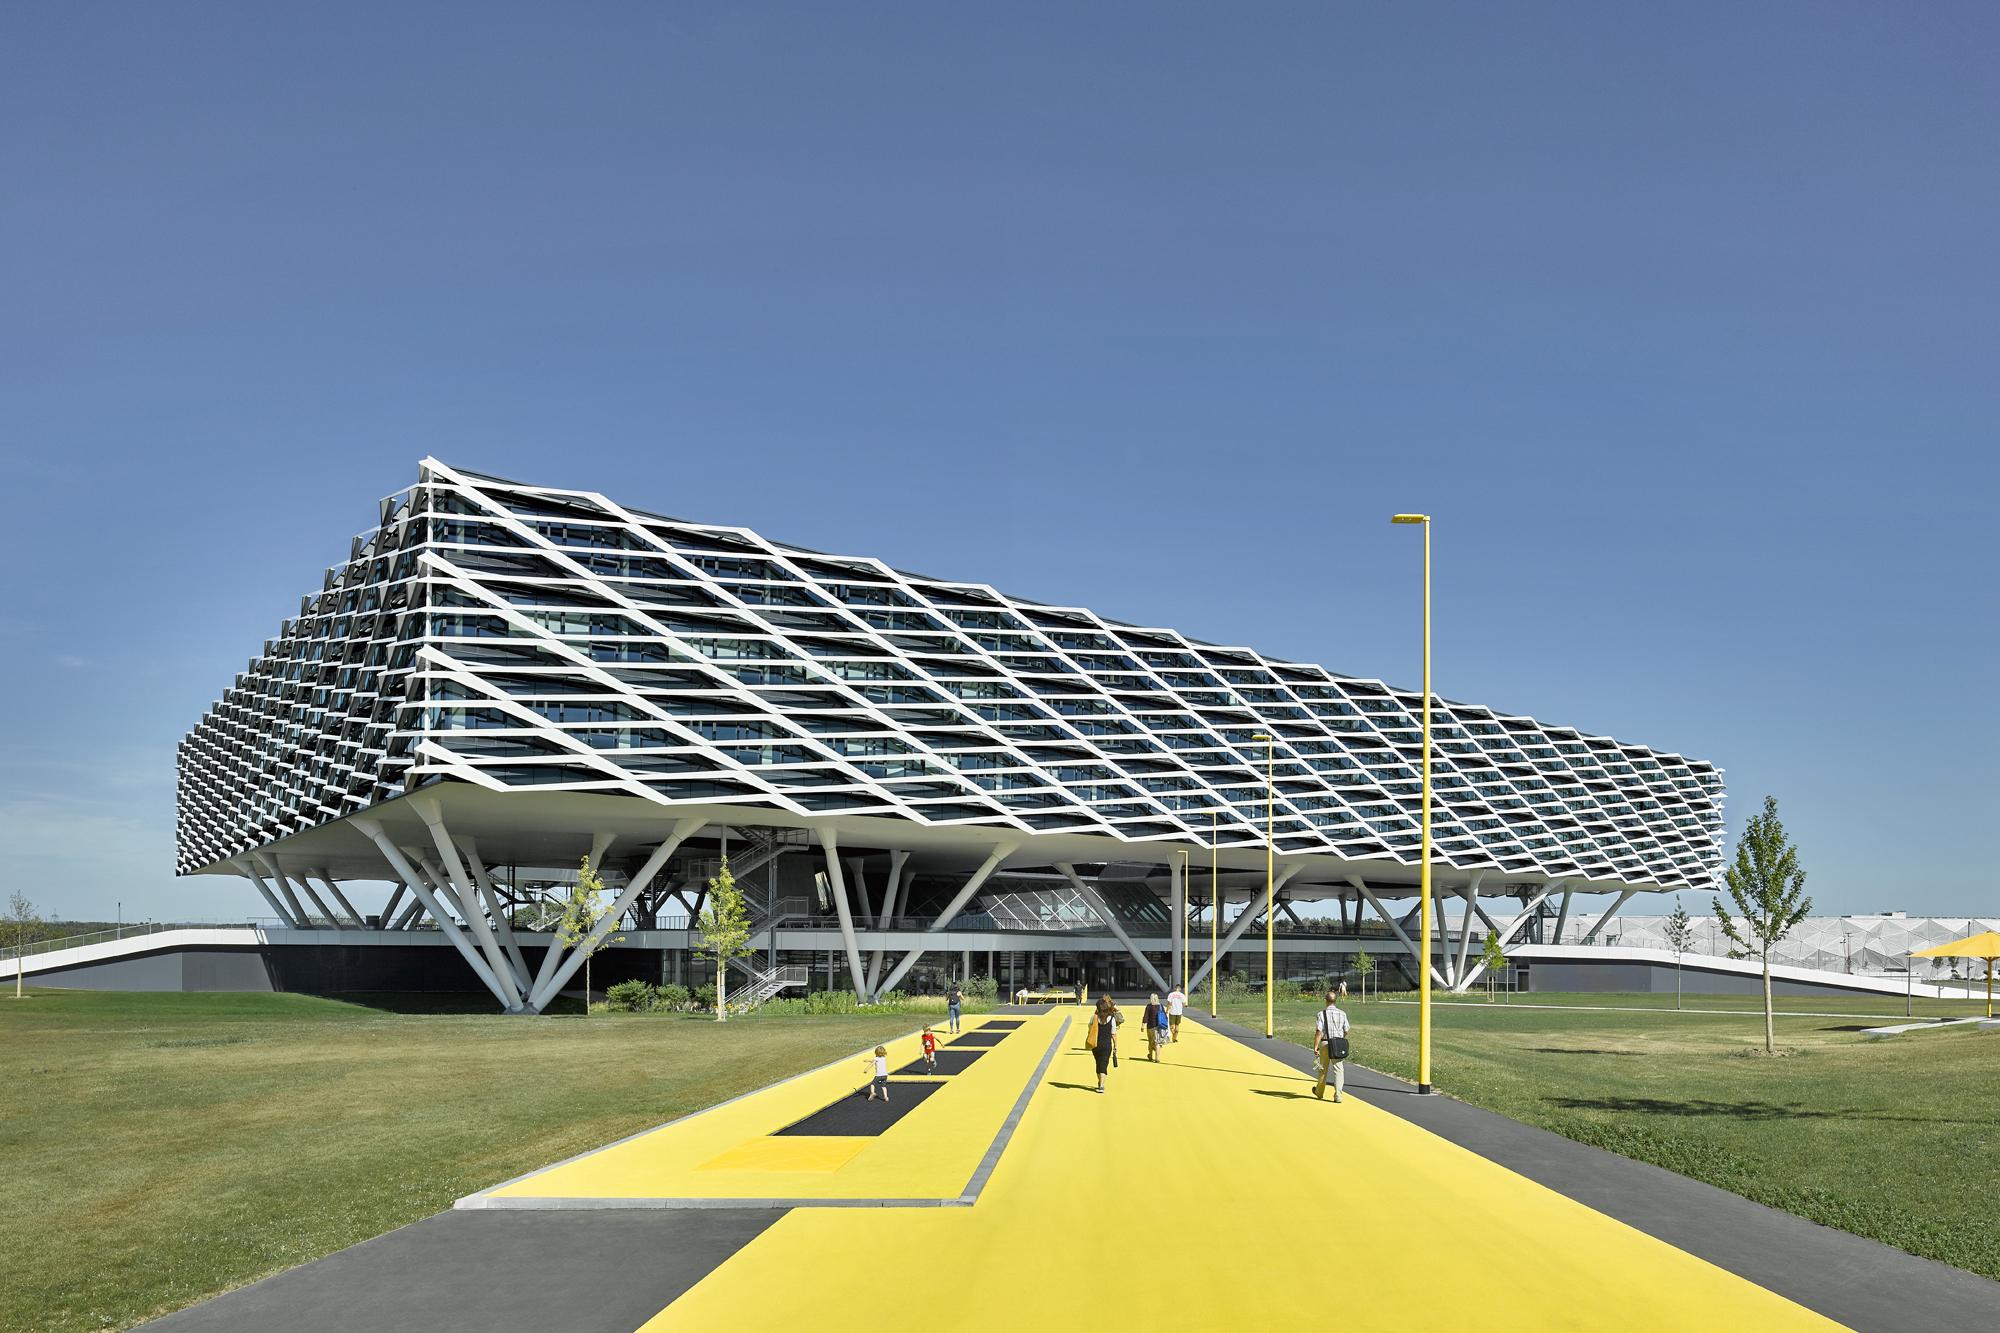 © Behnisch Architekten, Fotos: David Matthiessen